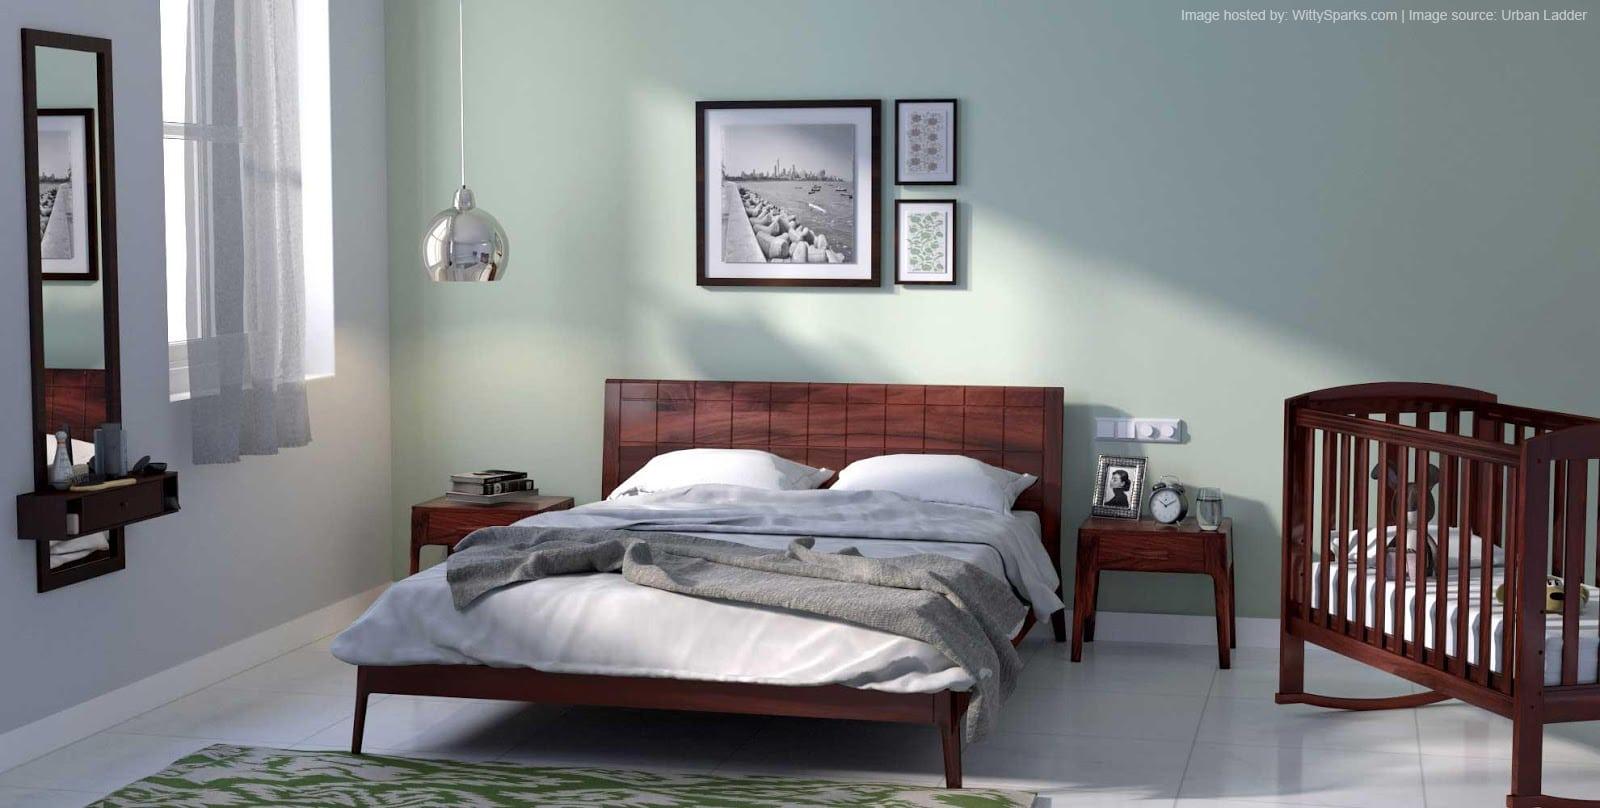 Bedroom Design - Urban Ladder